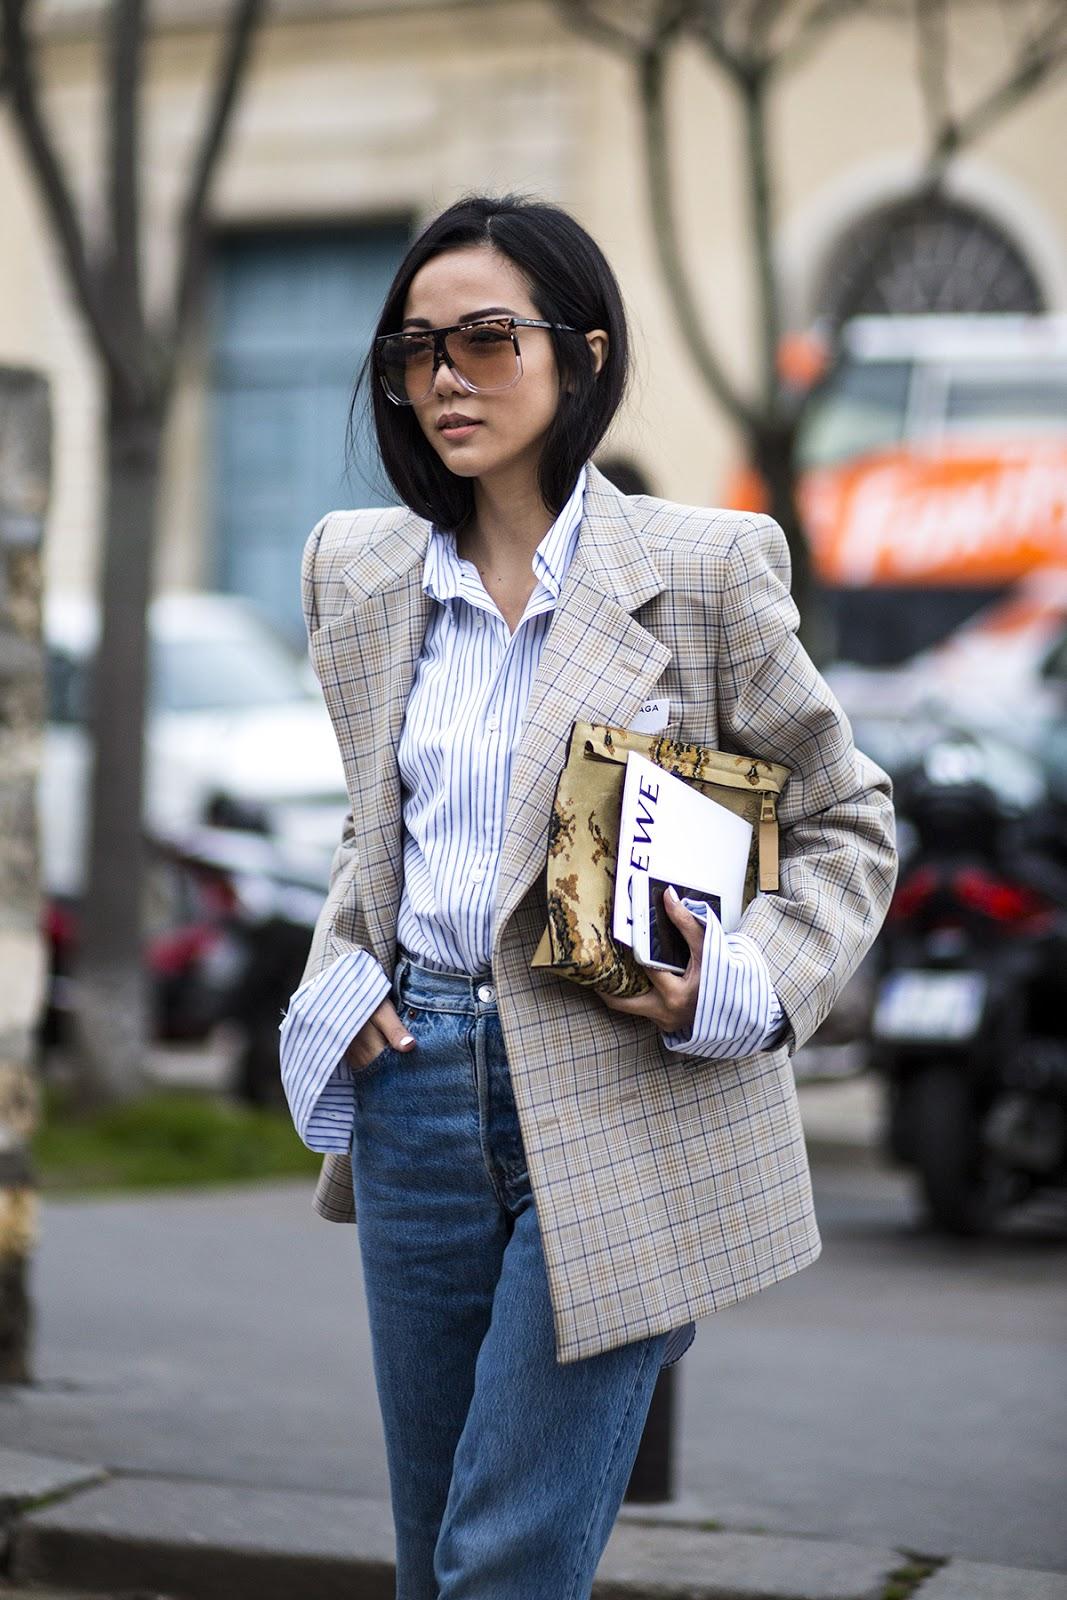 Nâng tầm phong cách thời trang cùng 5 bí quyết diện blazer theo từng dáng người 8